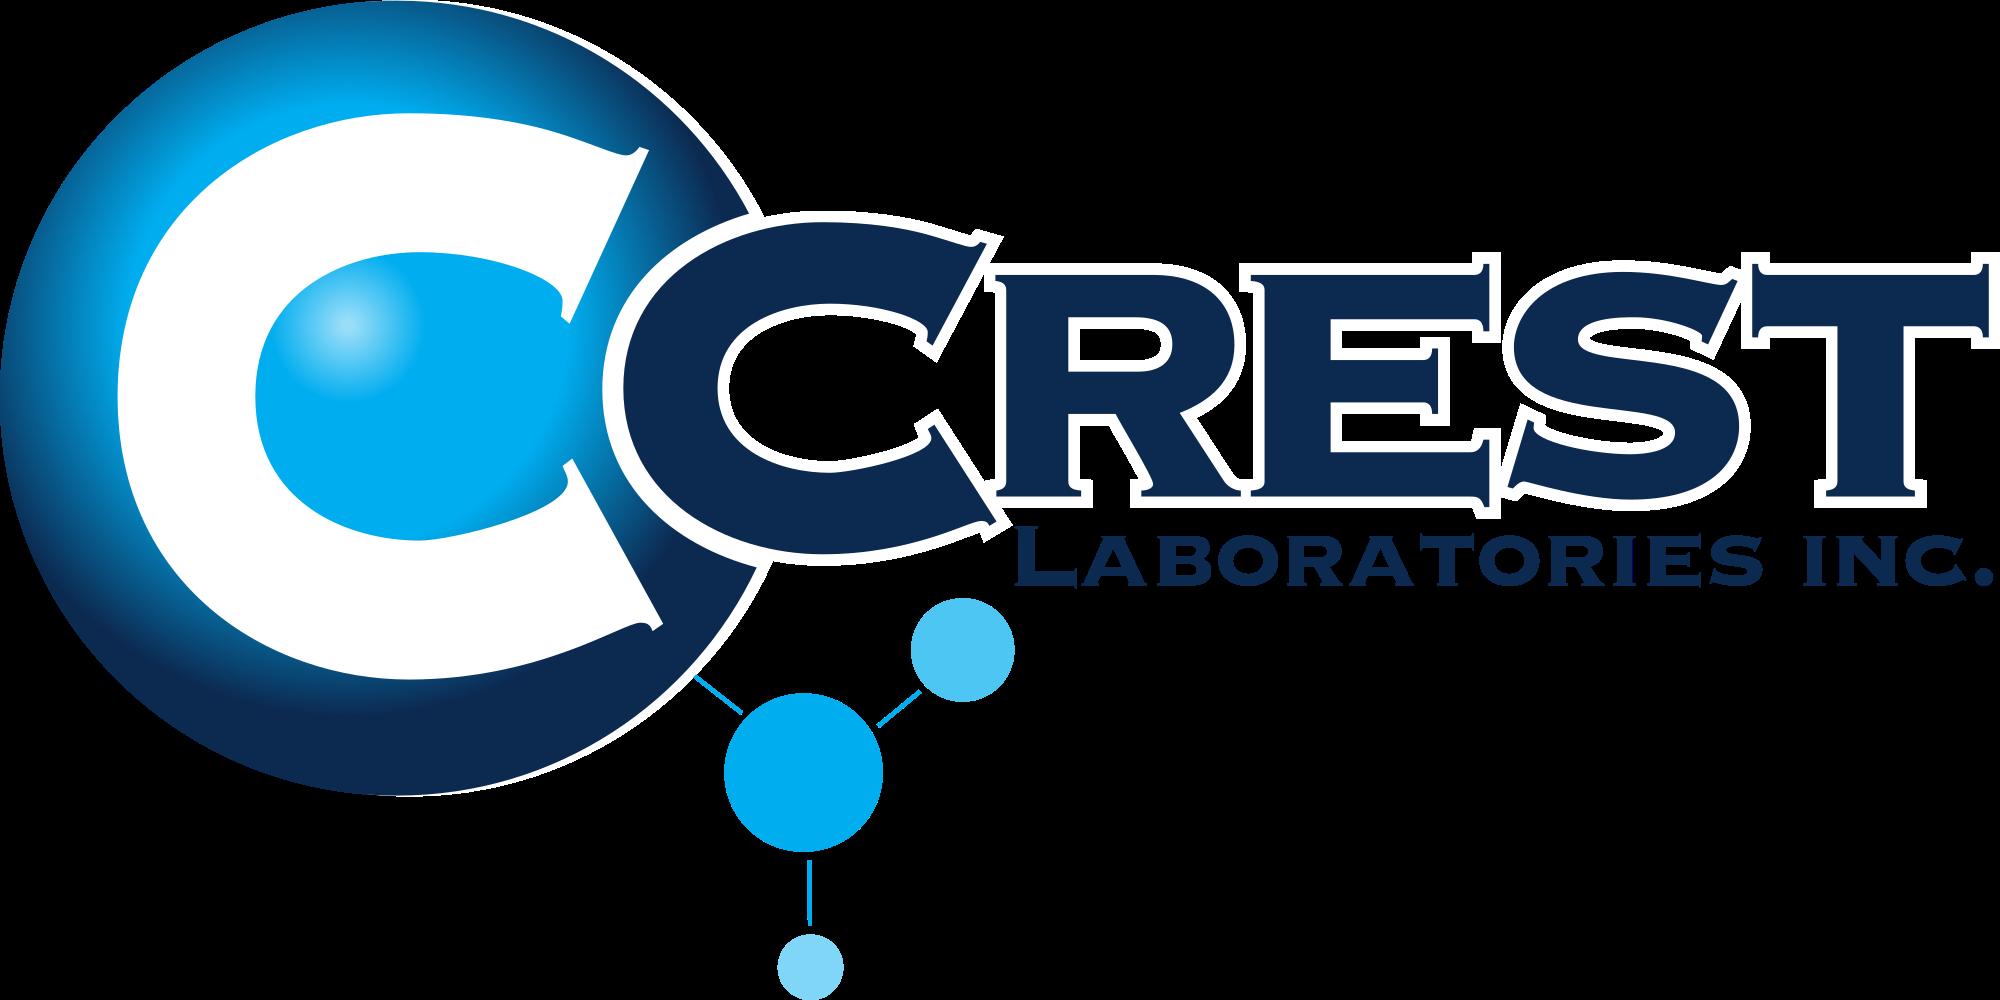 CCrest Logo Trans